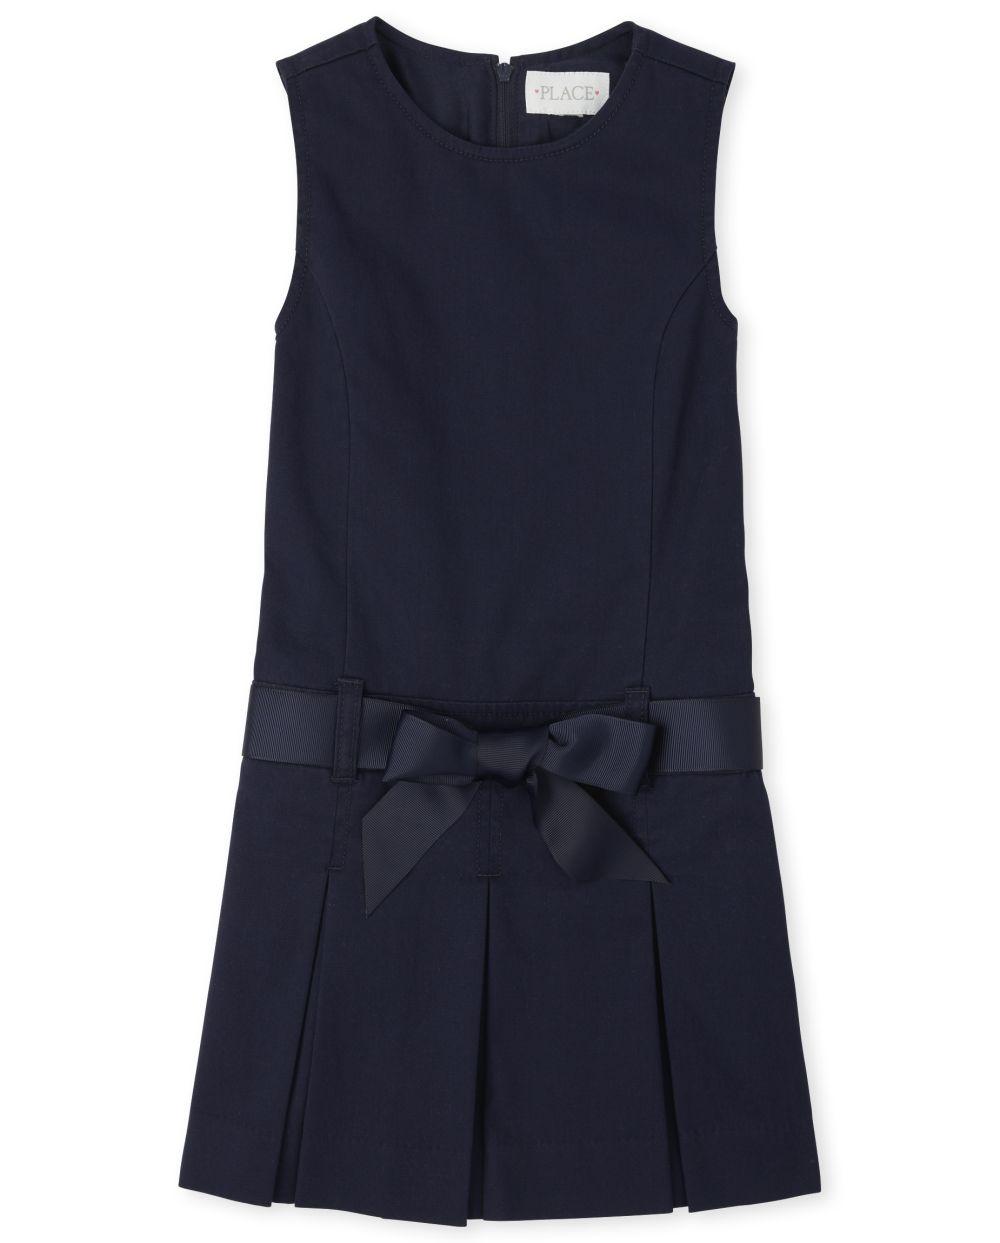 Jersey con cinturón de uniforme para niñas